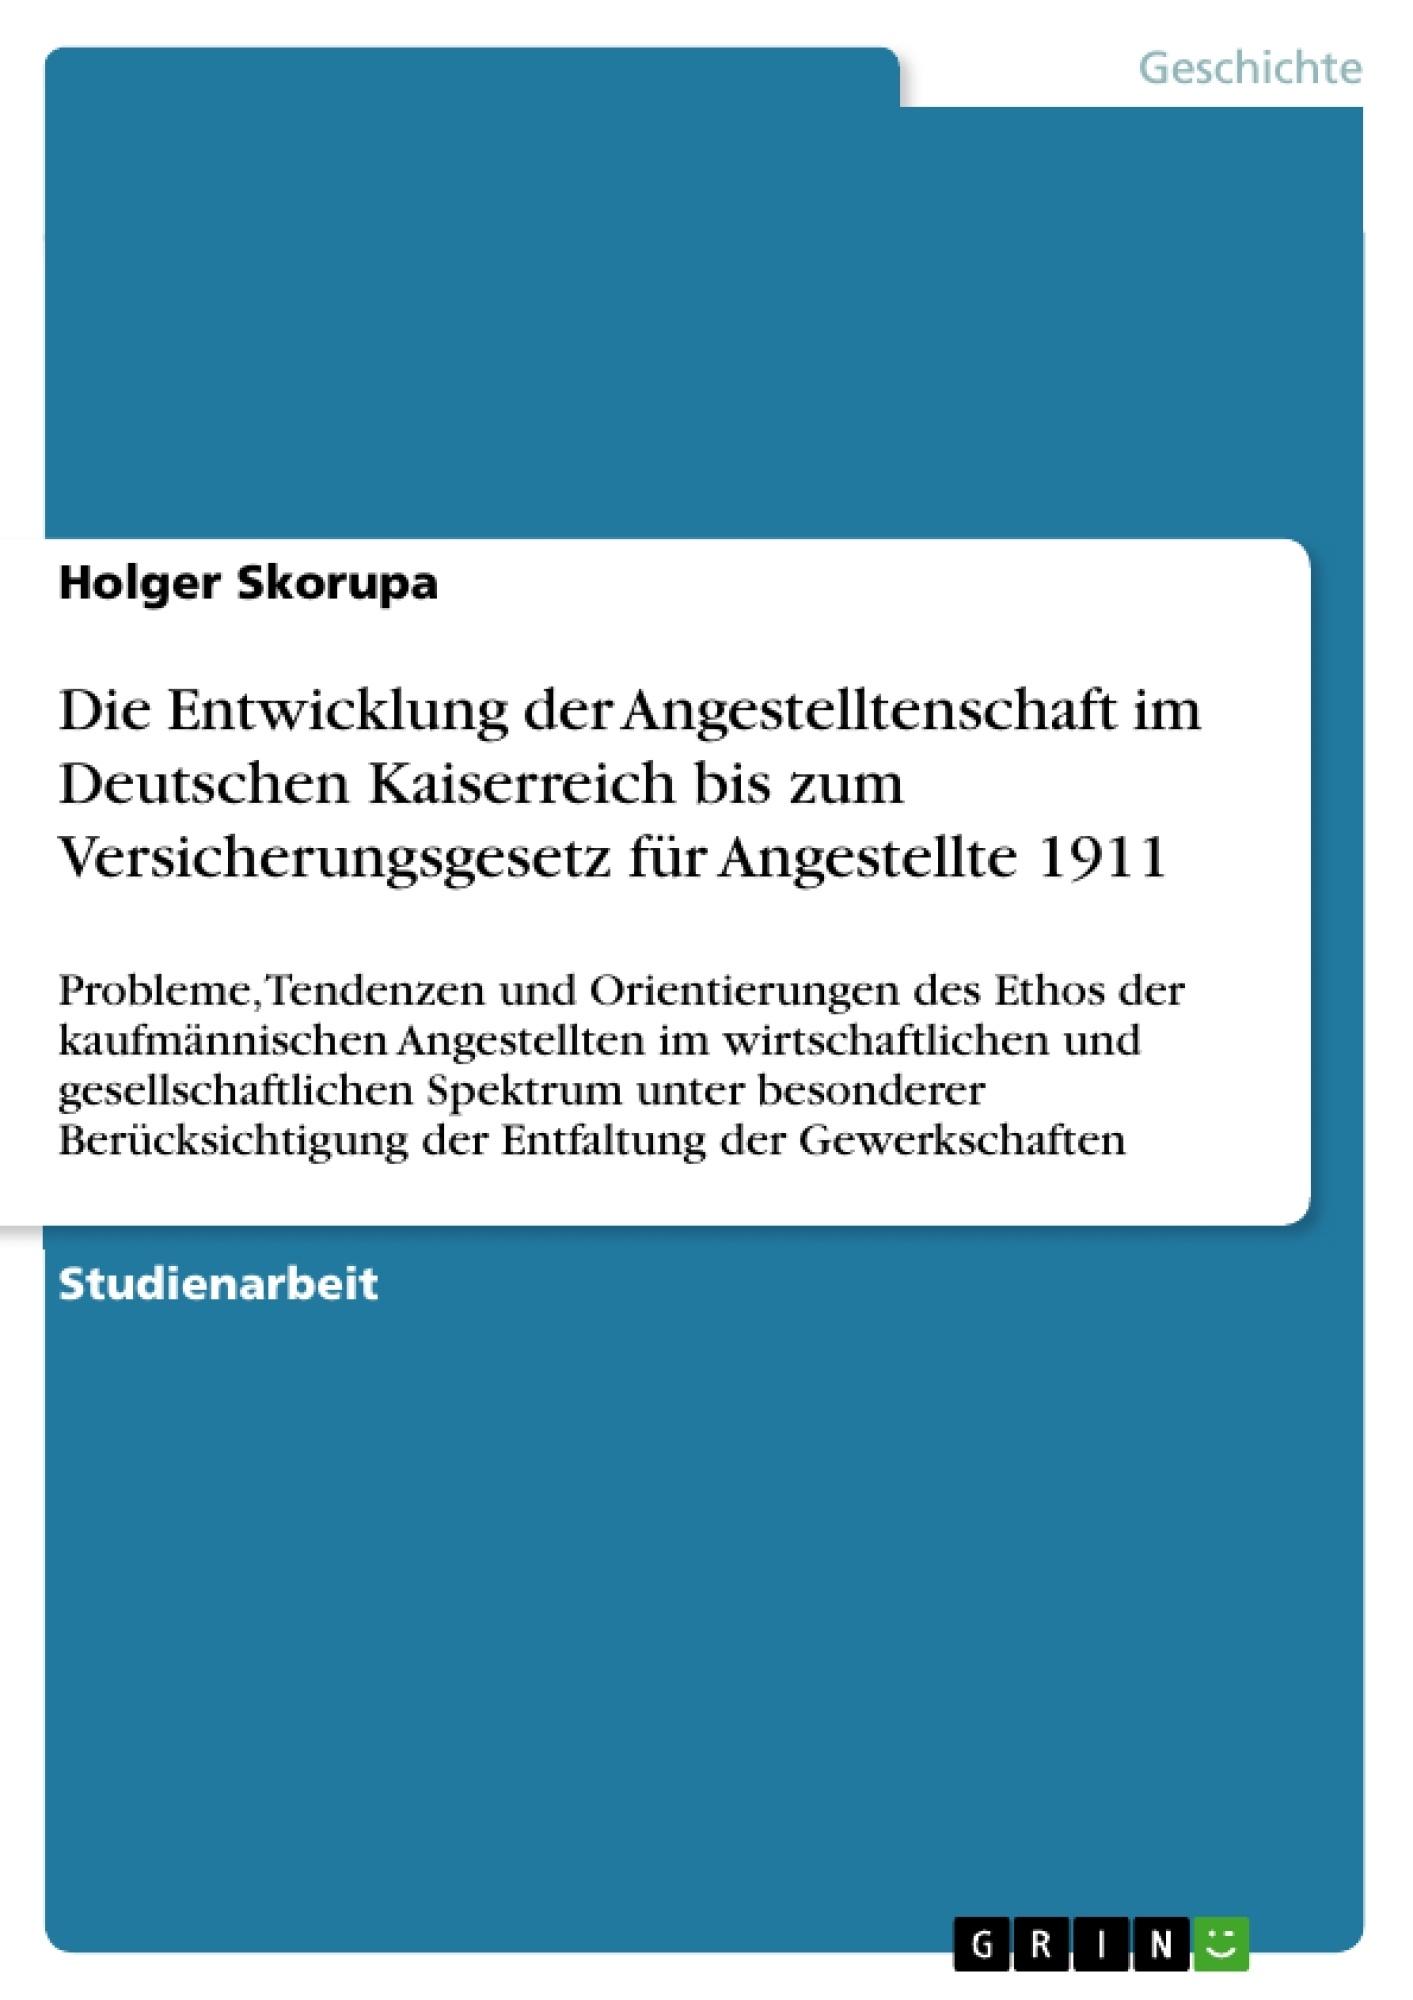 Titel: Die Entwicklung der Angestelltenschaft im Deutschen Kaiserreich bis zum Versicherungsgesetz für Angestellte 1911